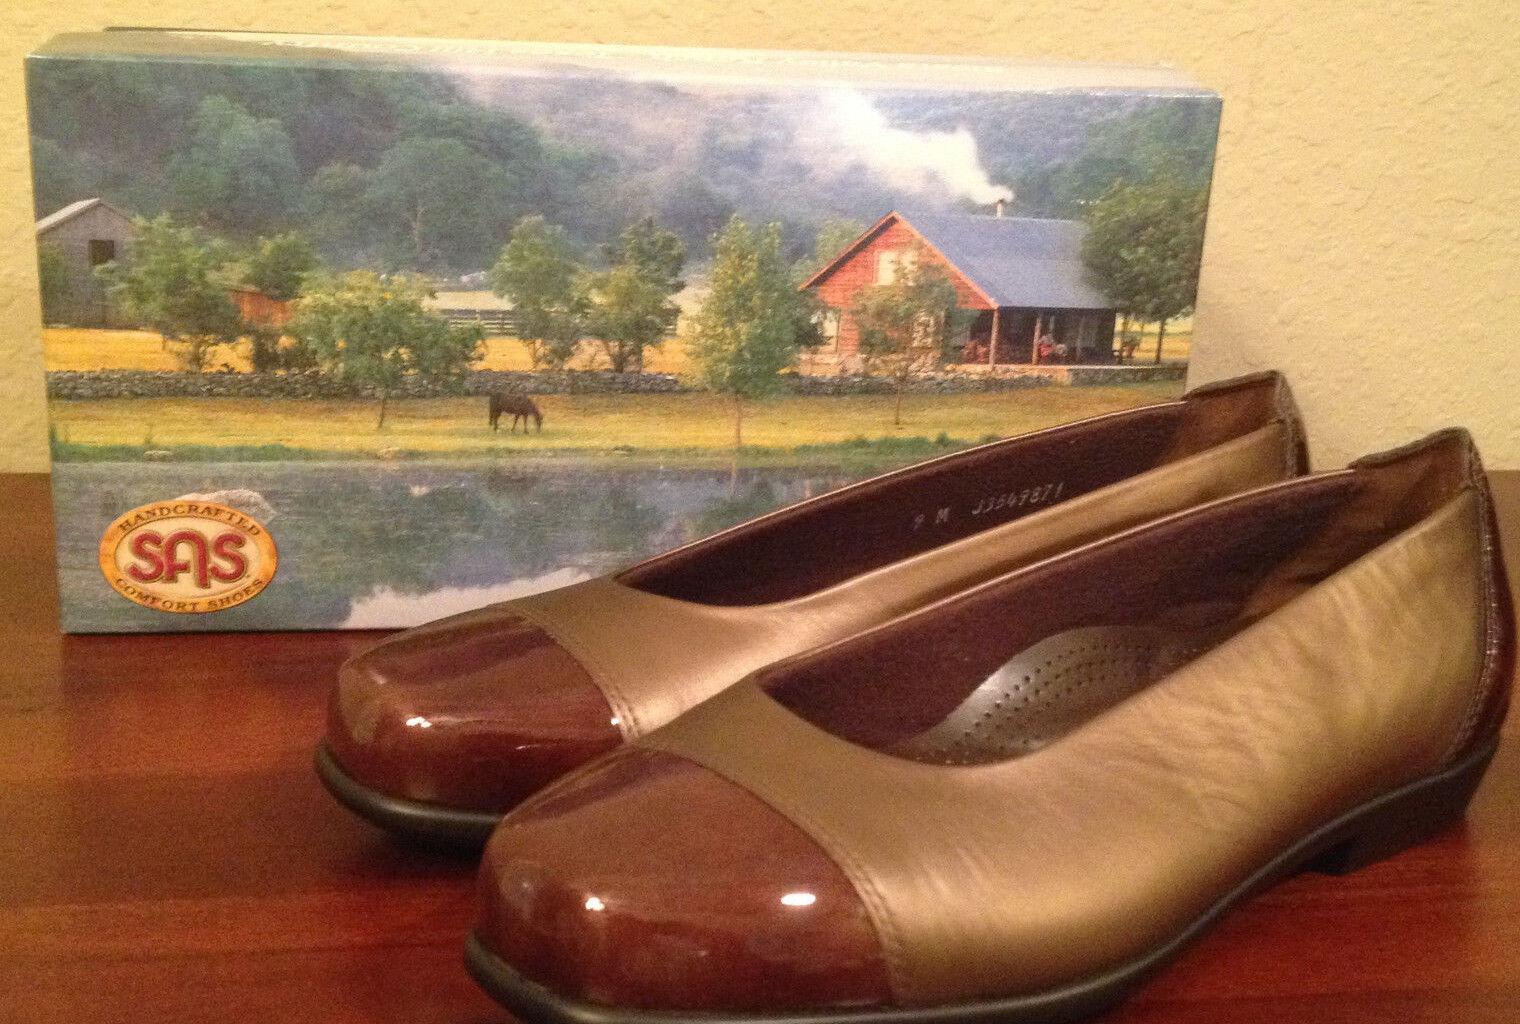 Nuevo Nuevo Nuevo En Caja  153 SAS Coco-M Bronce Marrón Zapatos Sin taco Tripad Comfort para mujer 7 N  Envío rápido y el mejor servicio